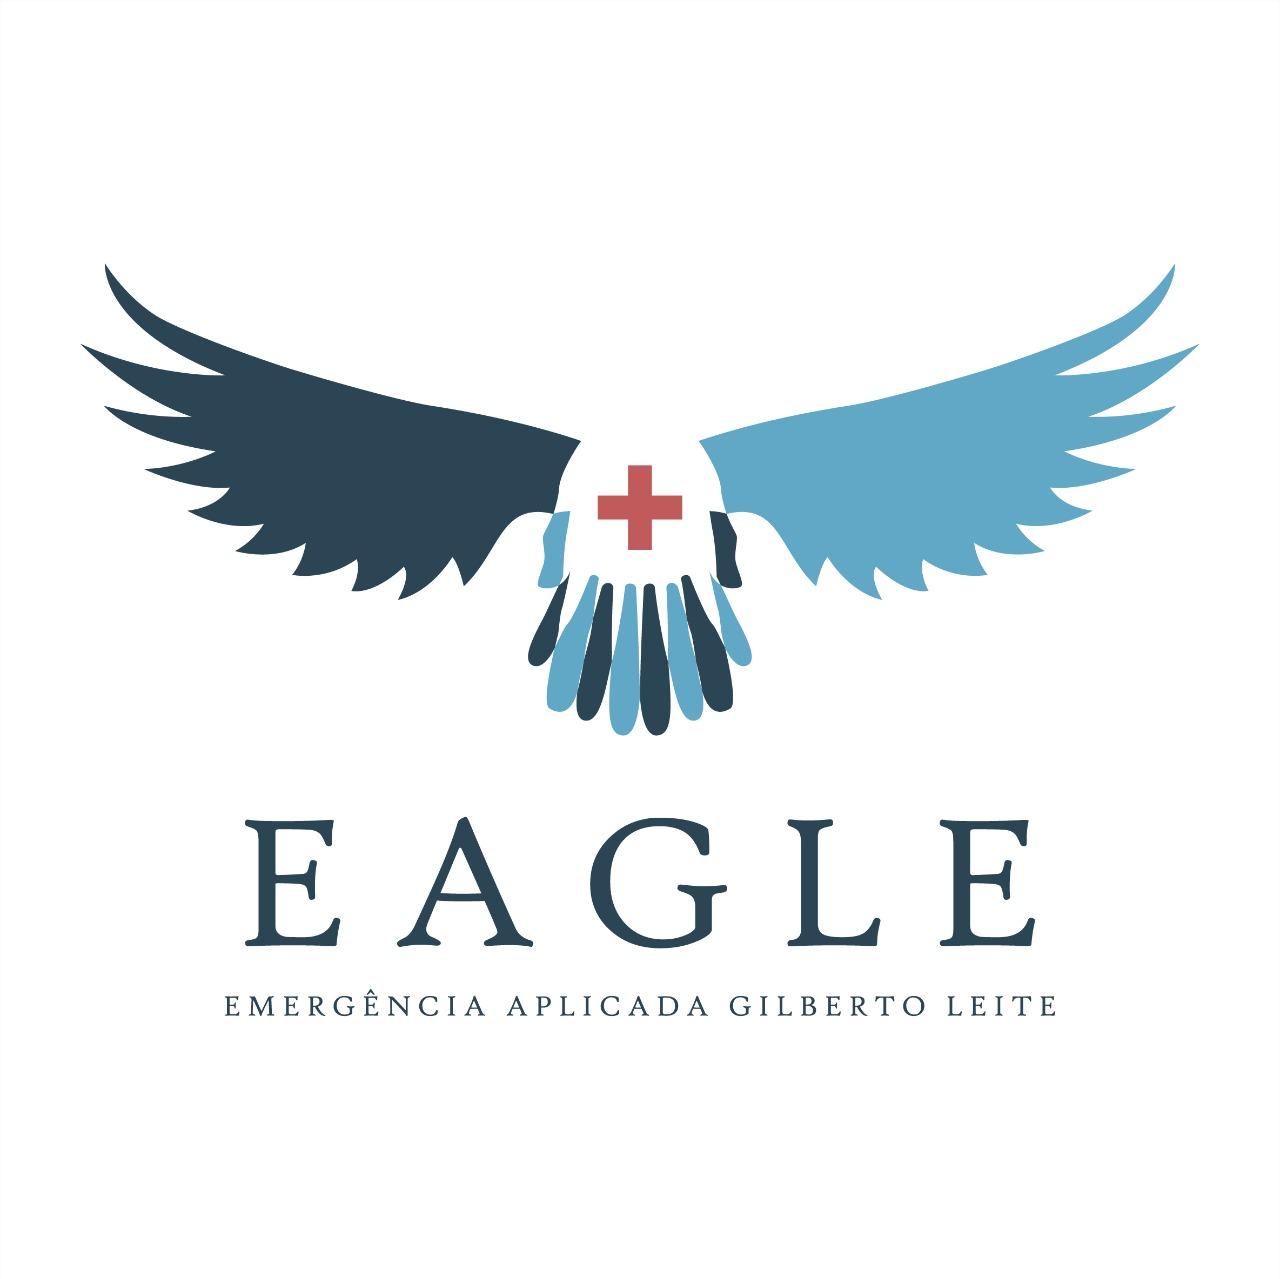 Eagle cursos Gilberto Leite